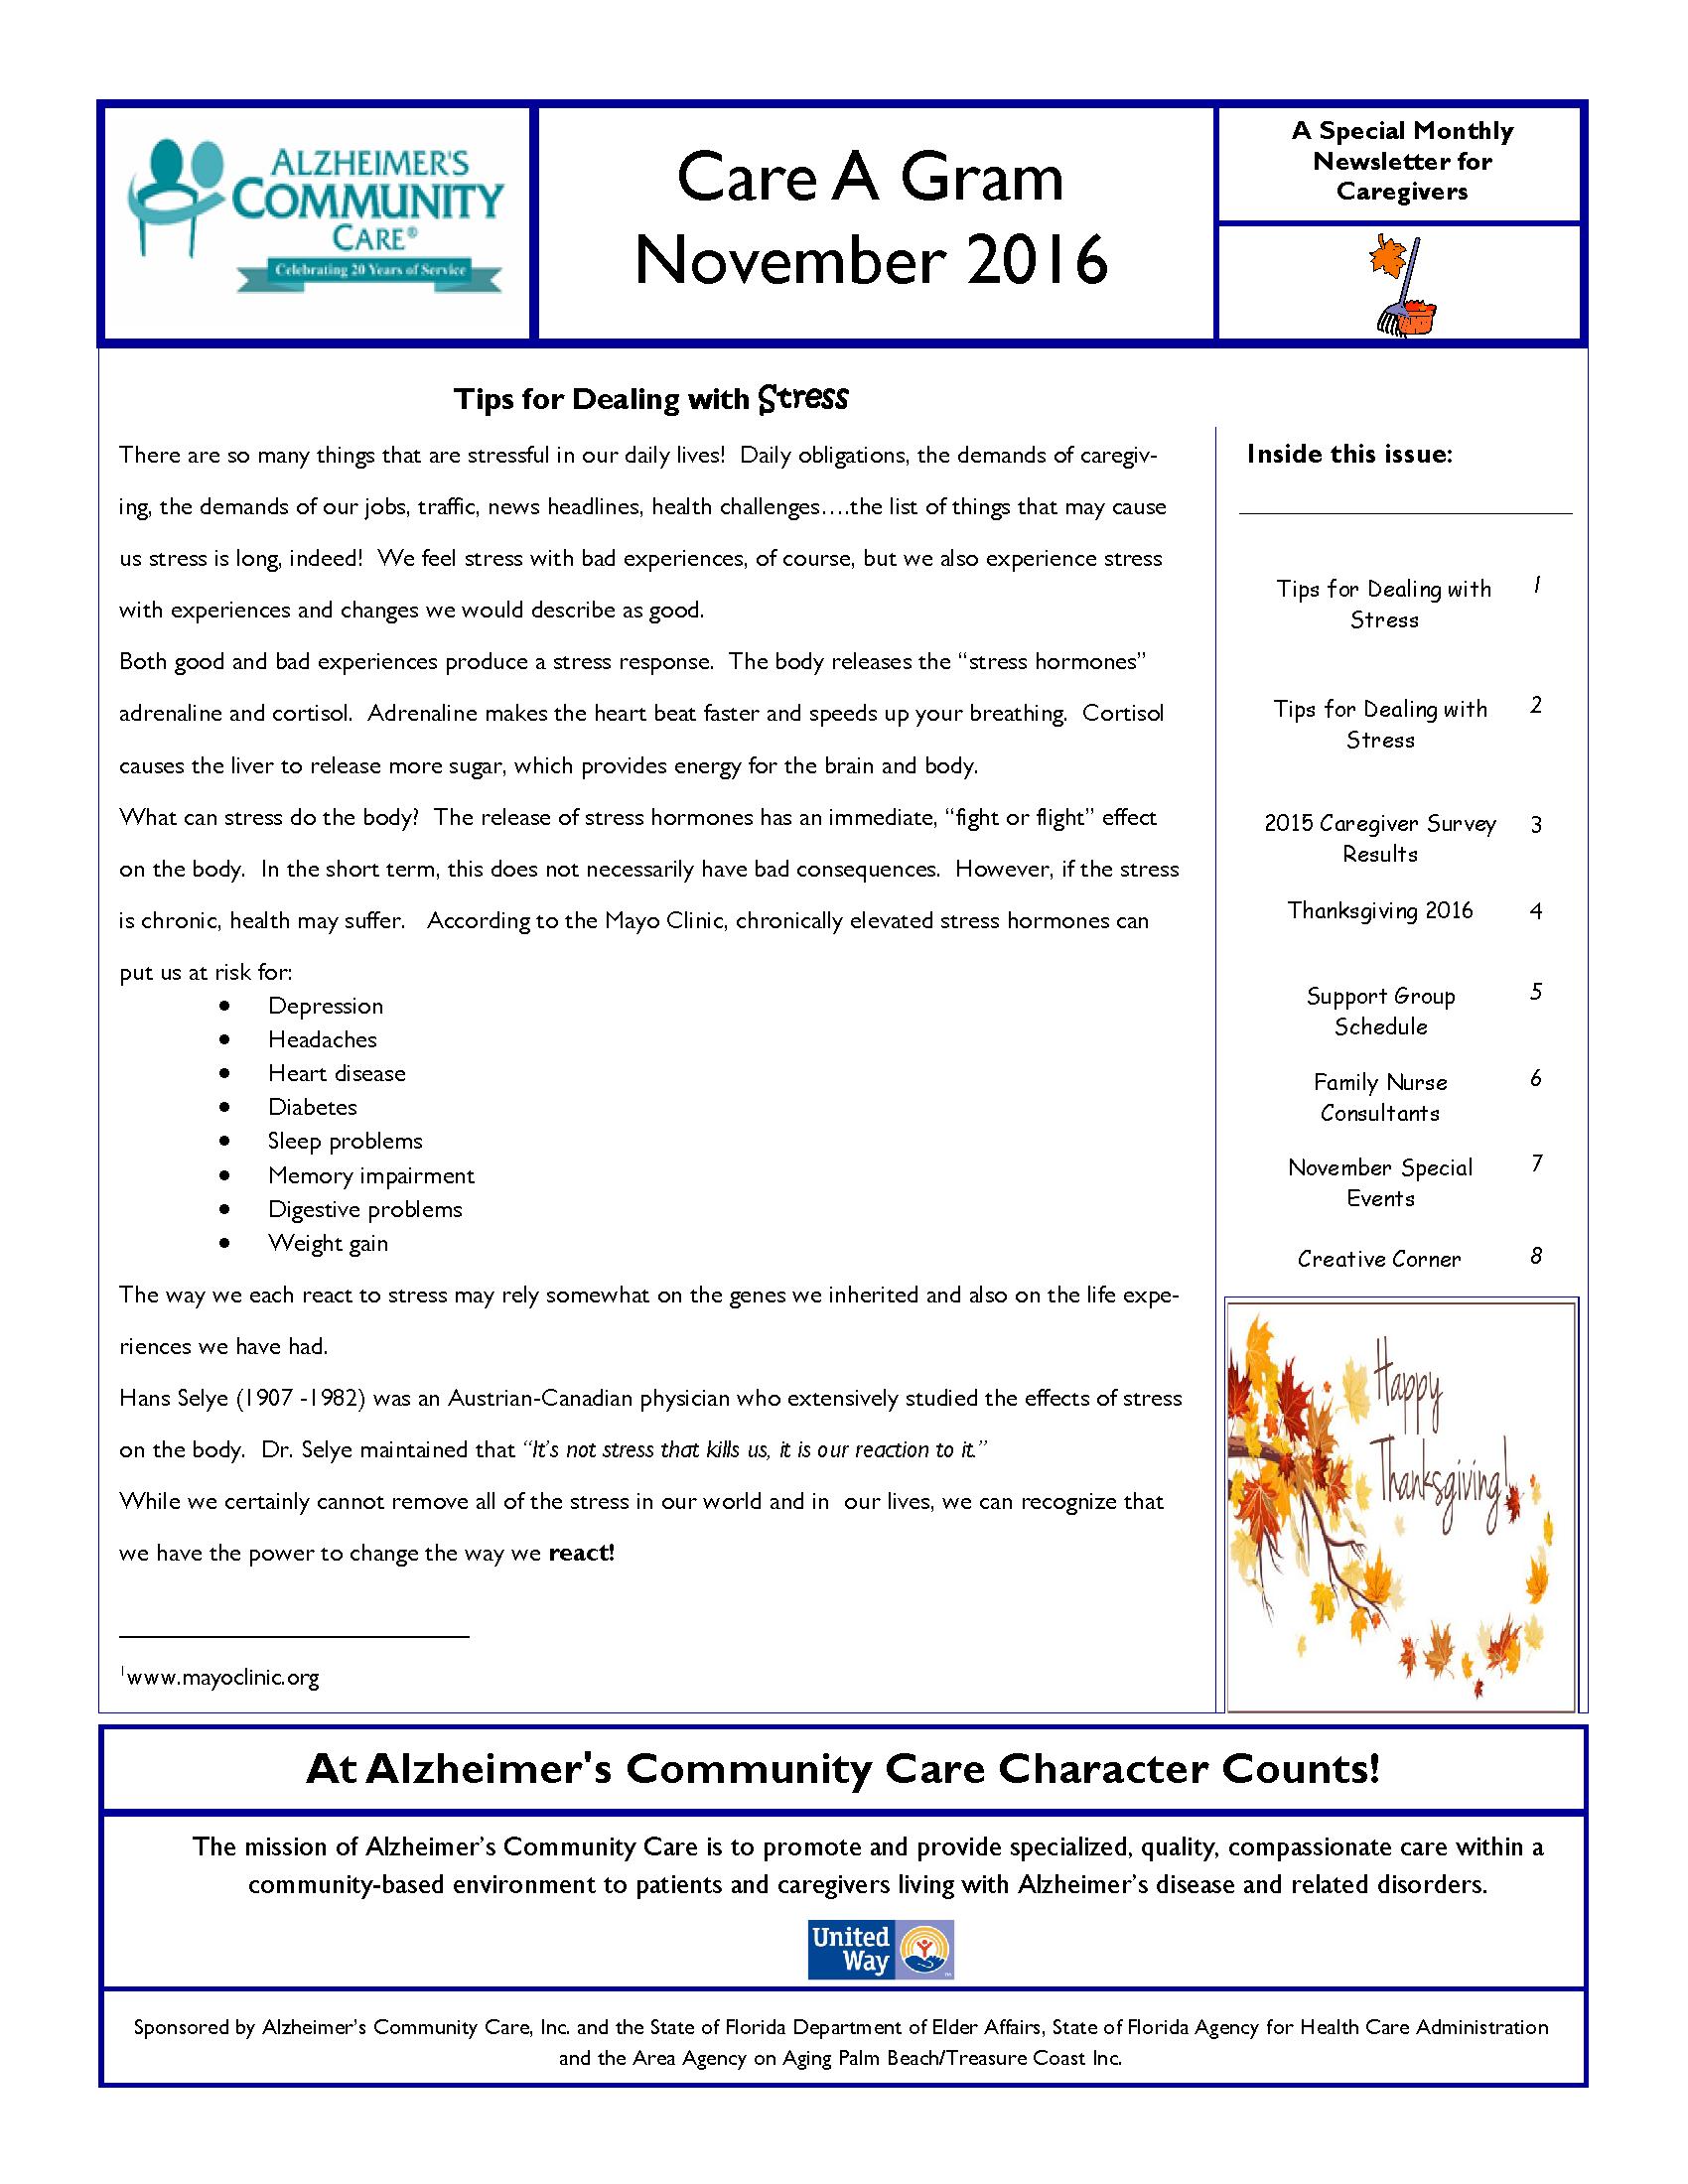 November 2016 Care A Gram